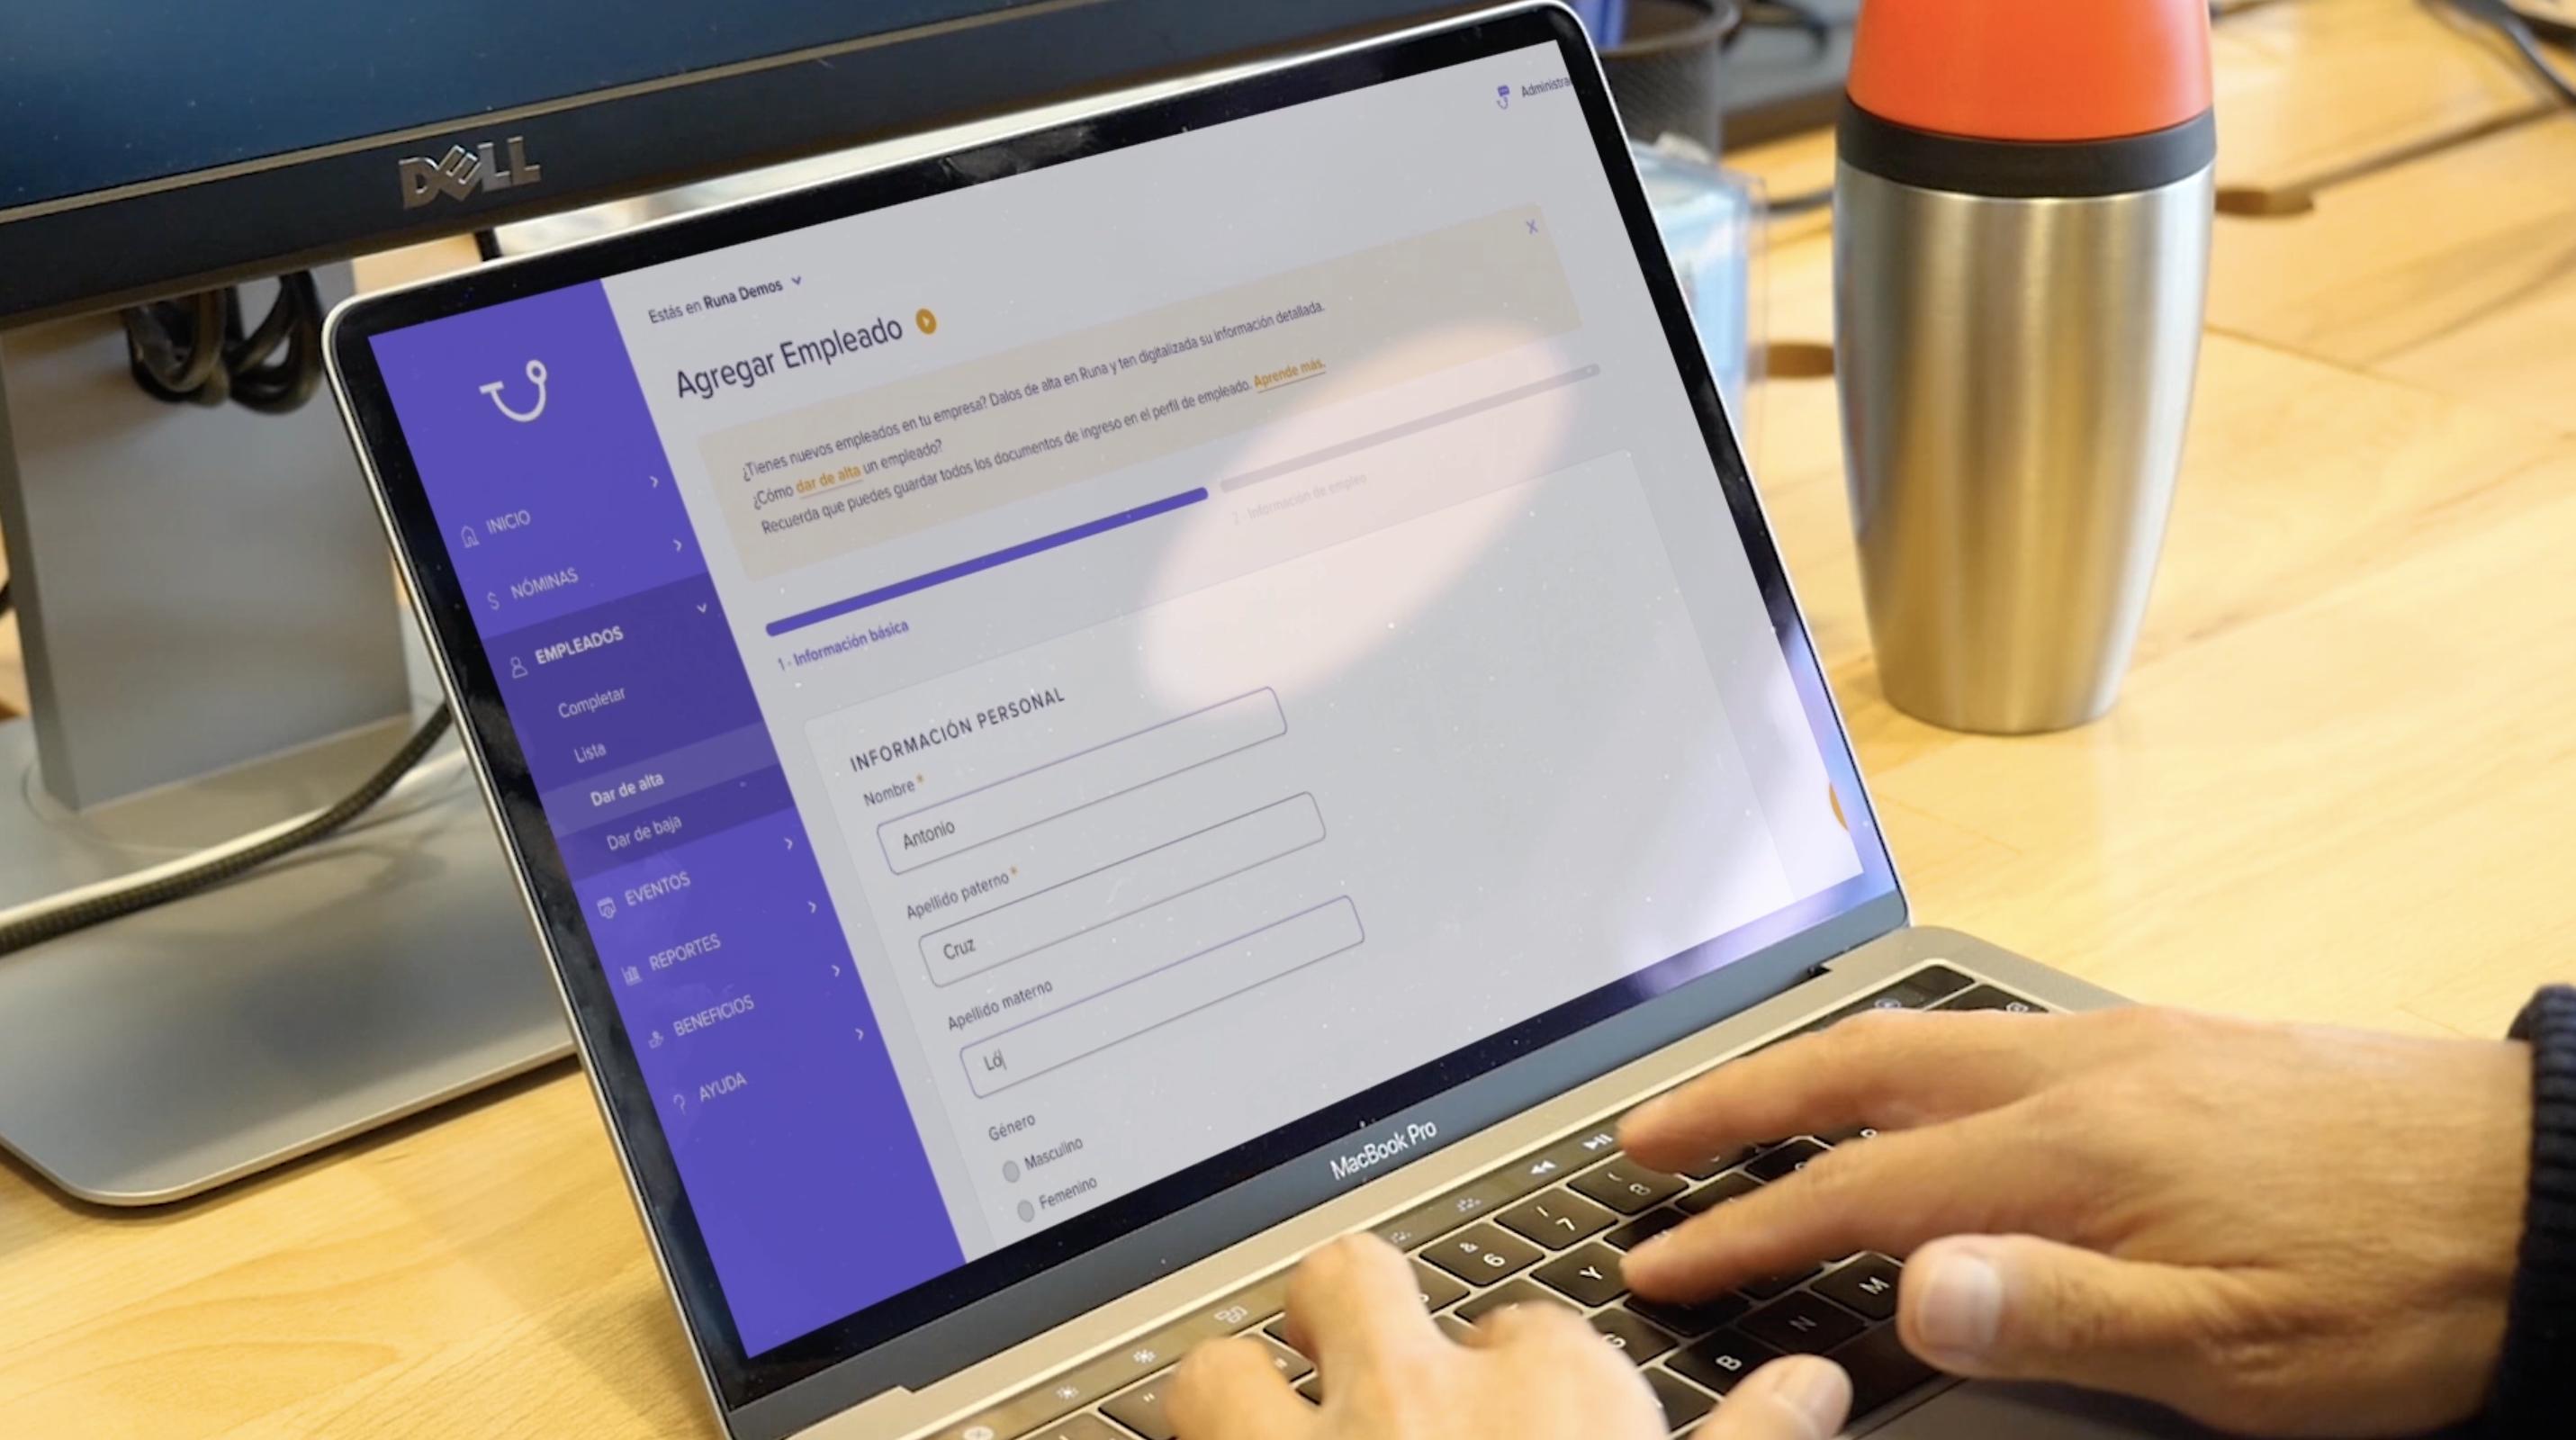 El software que desarrolló una exdirectiva de Cabify para agilizar tu nómina